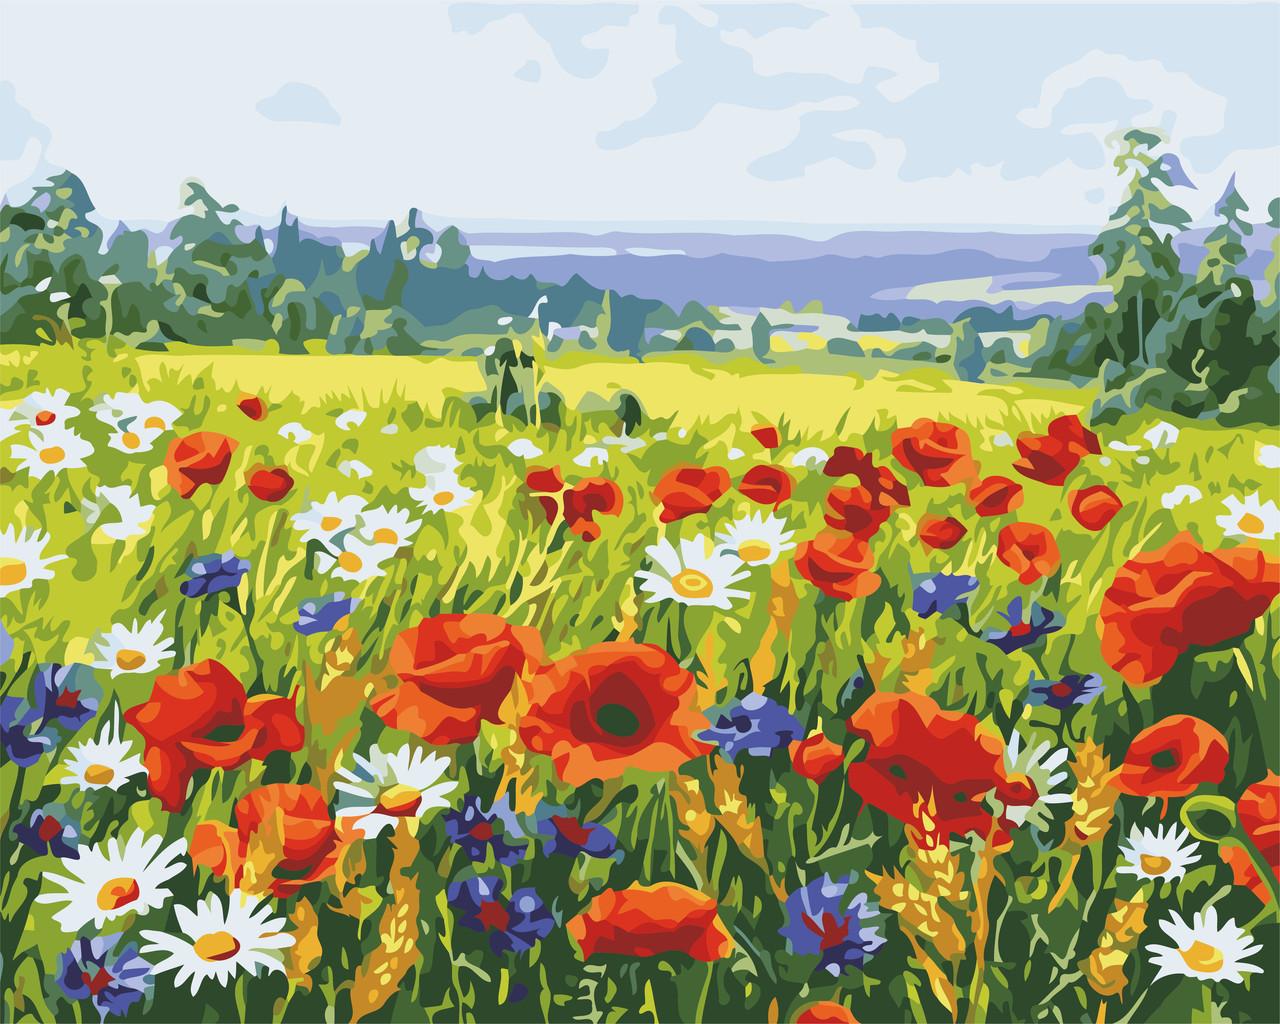 Картина за номерами Поле квітів 40 х 50 см (AS0546)